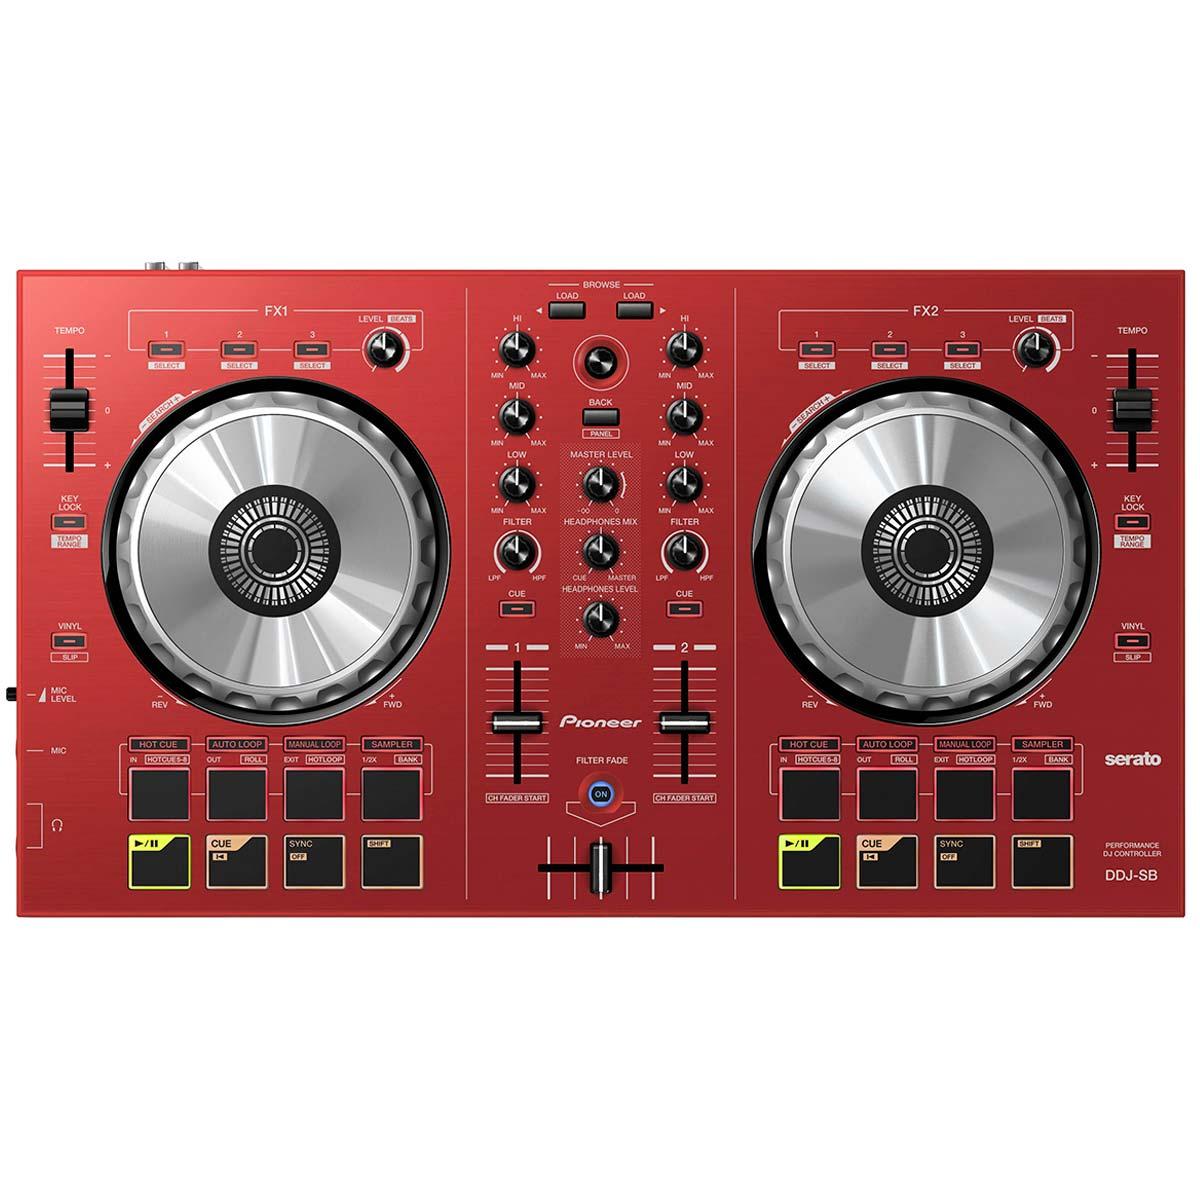 DDJSB - Controladora DJ c/ USB DDJ SB Vermelha - Pioneer